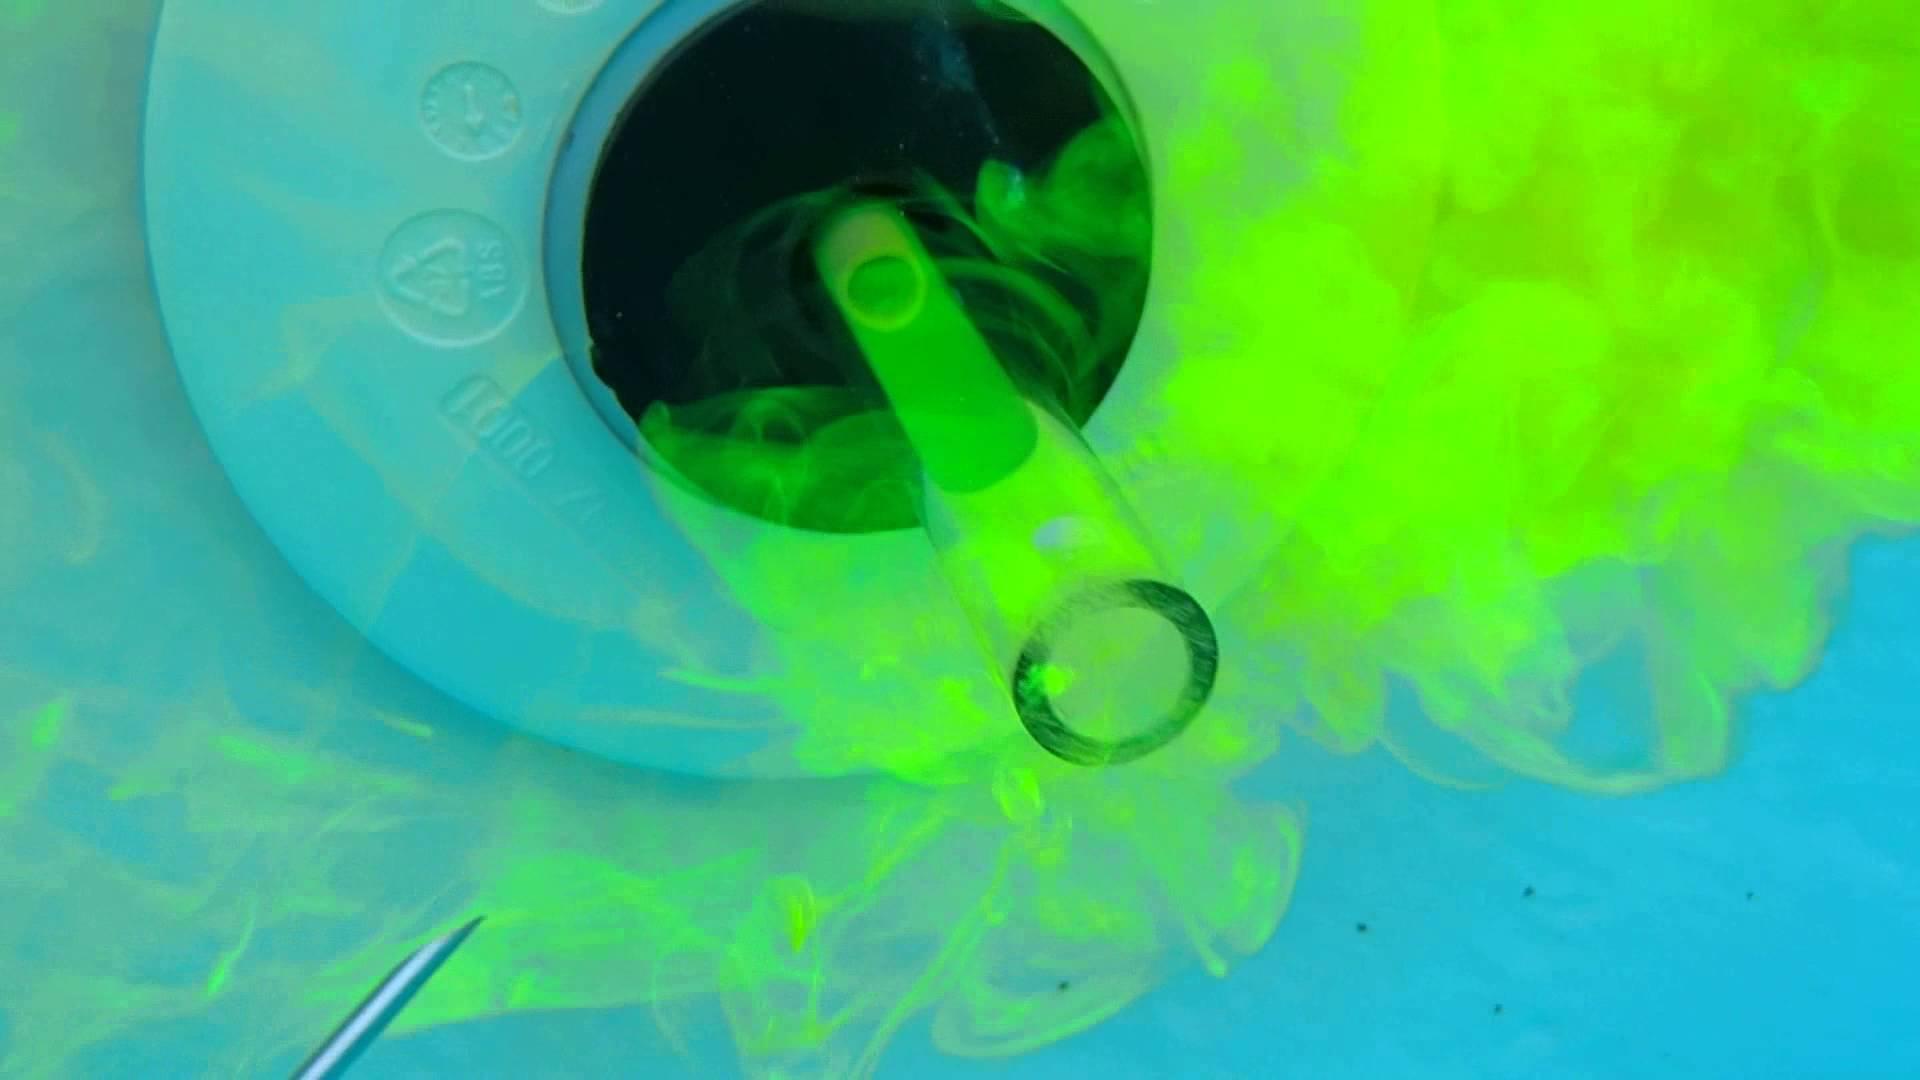 Recherche Fuite D'eau 06, Détection Fuite Piscine Cannes ... avec Colorant Pour Detecter Fuite Piscine